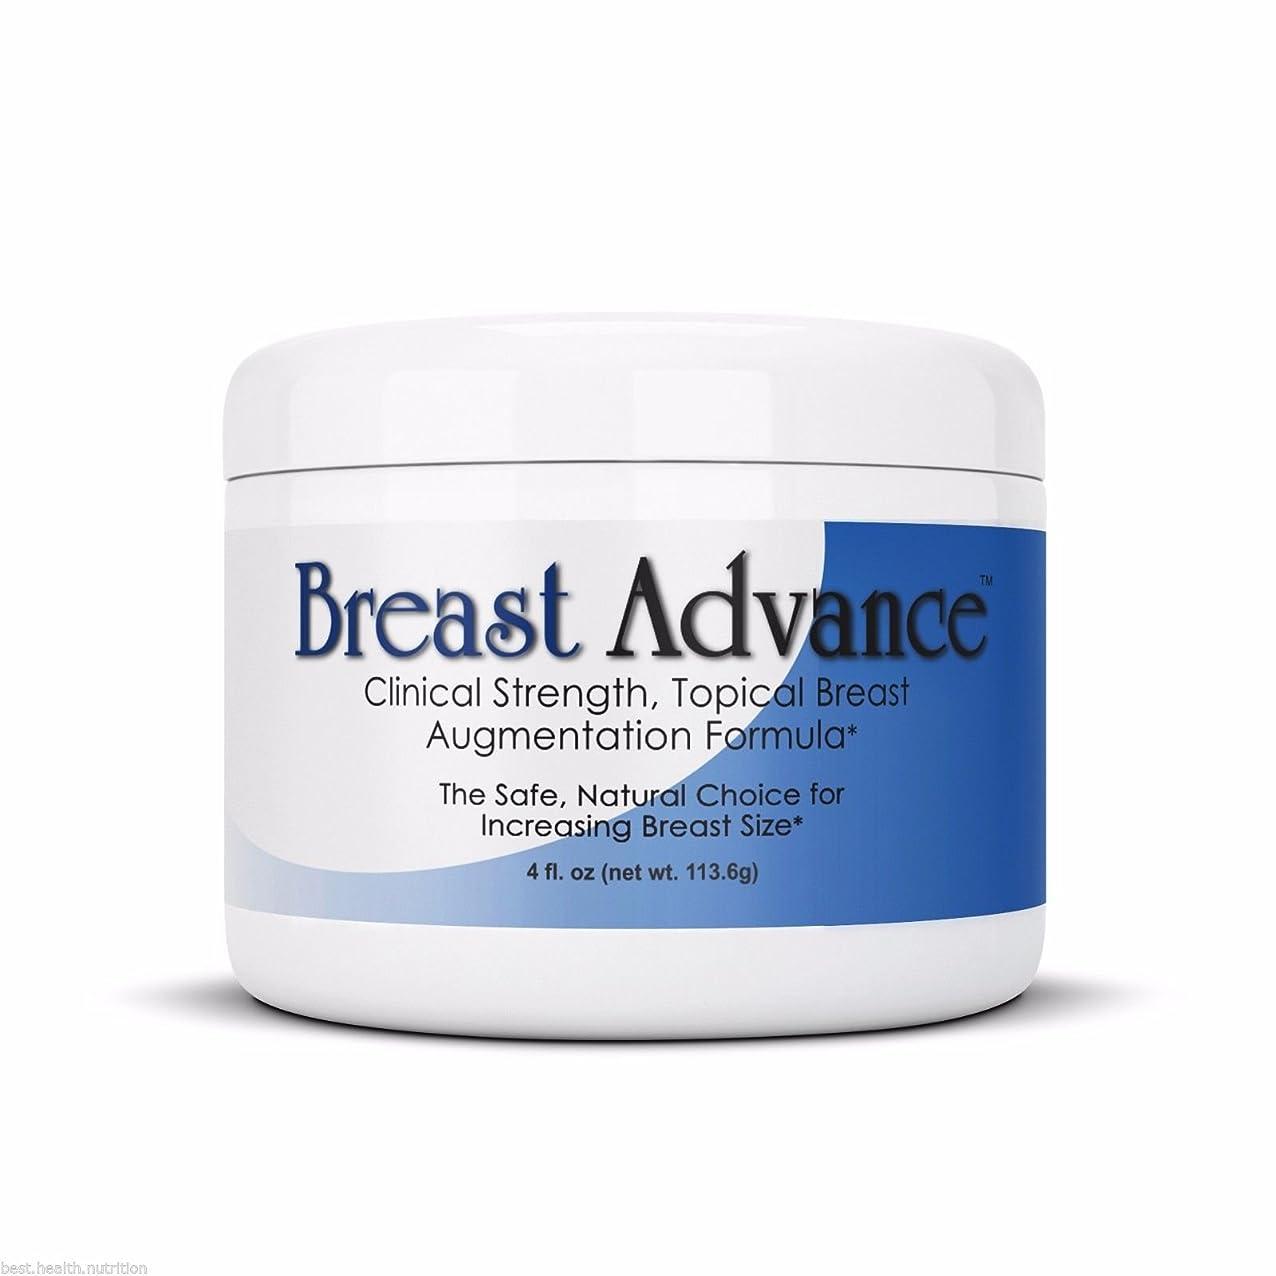 仮定、想定。推測強いますニックネームブレスト?アドバンス 豊胸 強化クリーム/天然強化剤 増大